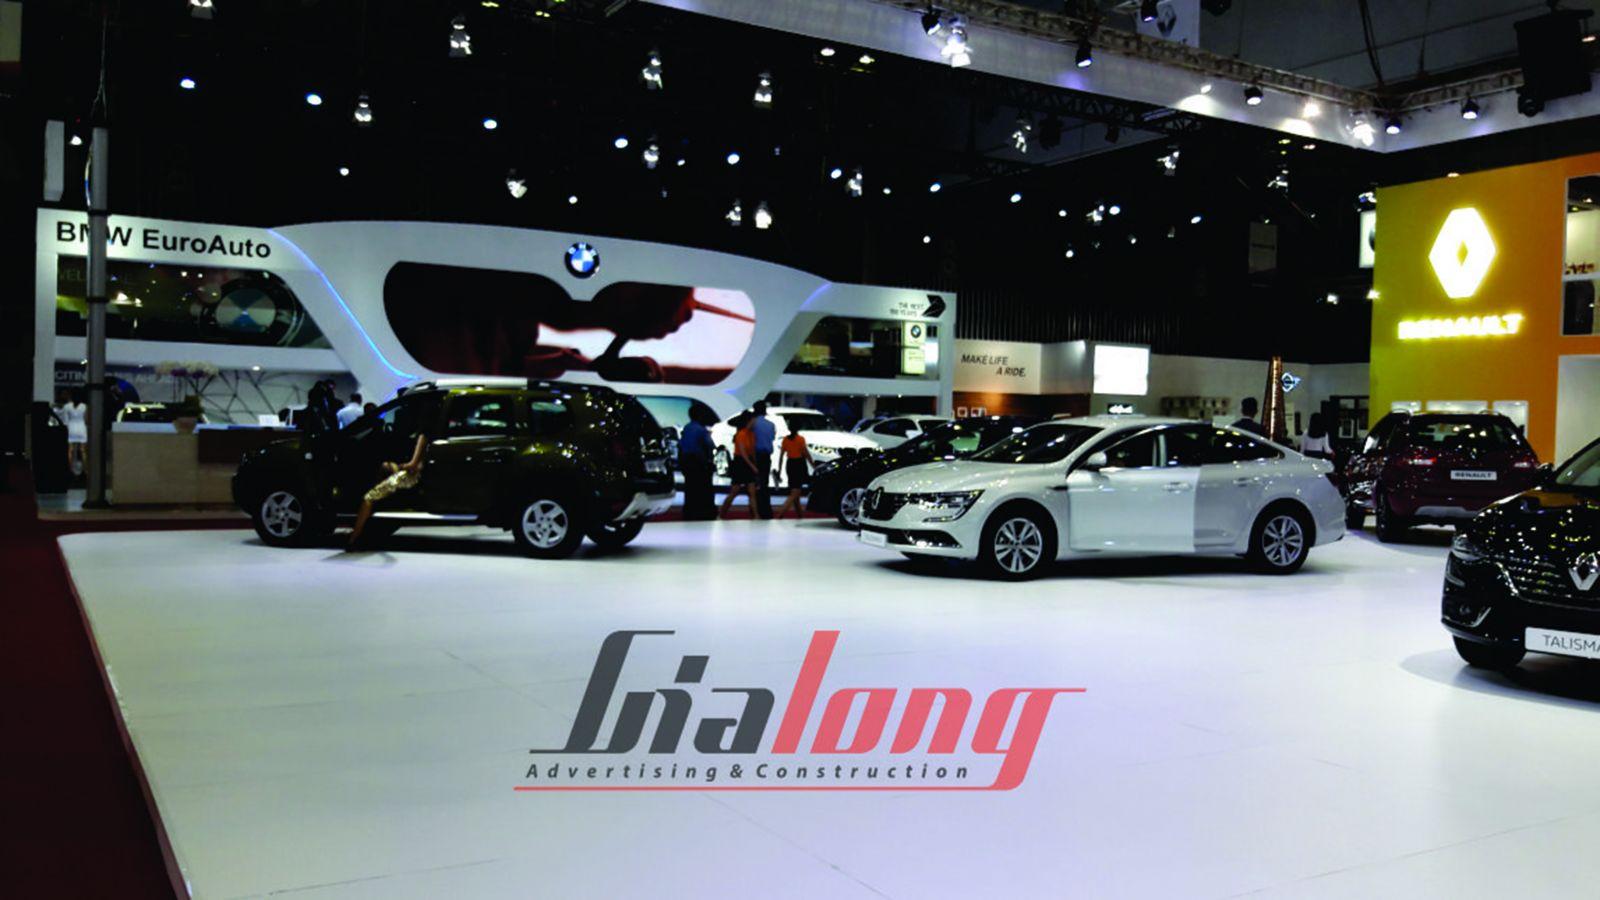 Automechanika Hồ Chí Minh lần thứ 2 trở lại với hơn 360 doanh nghiệp